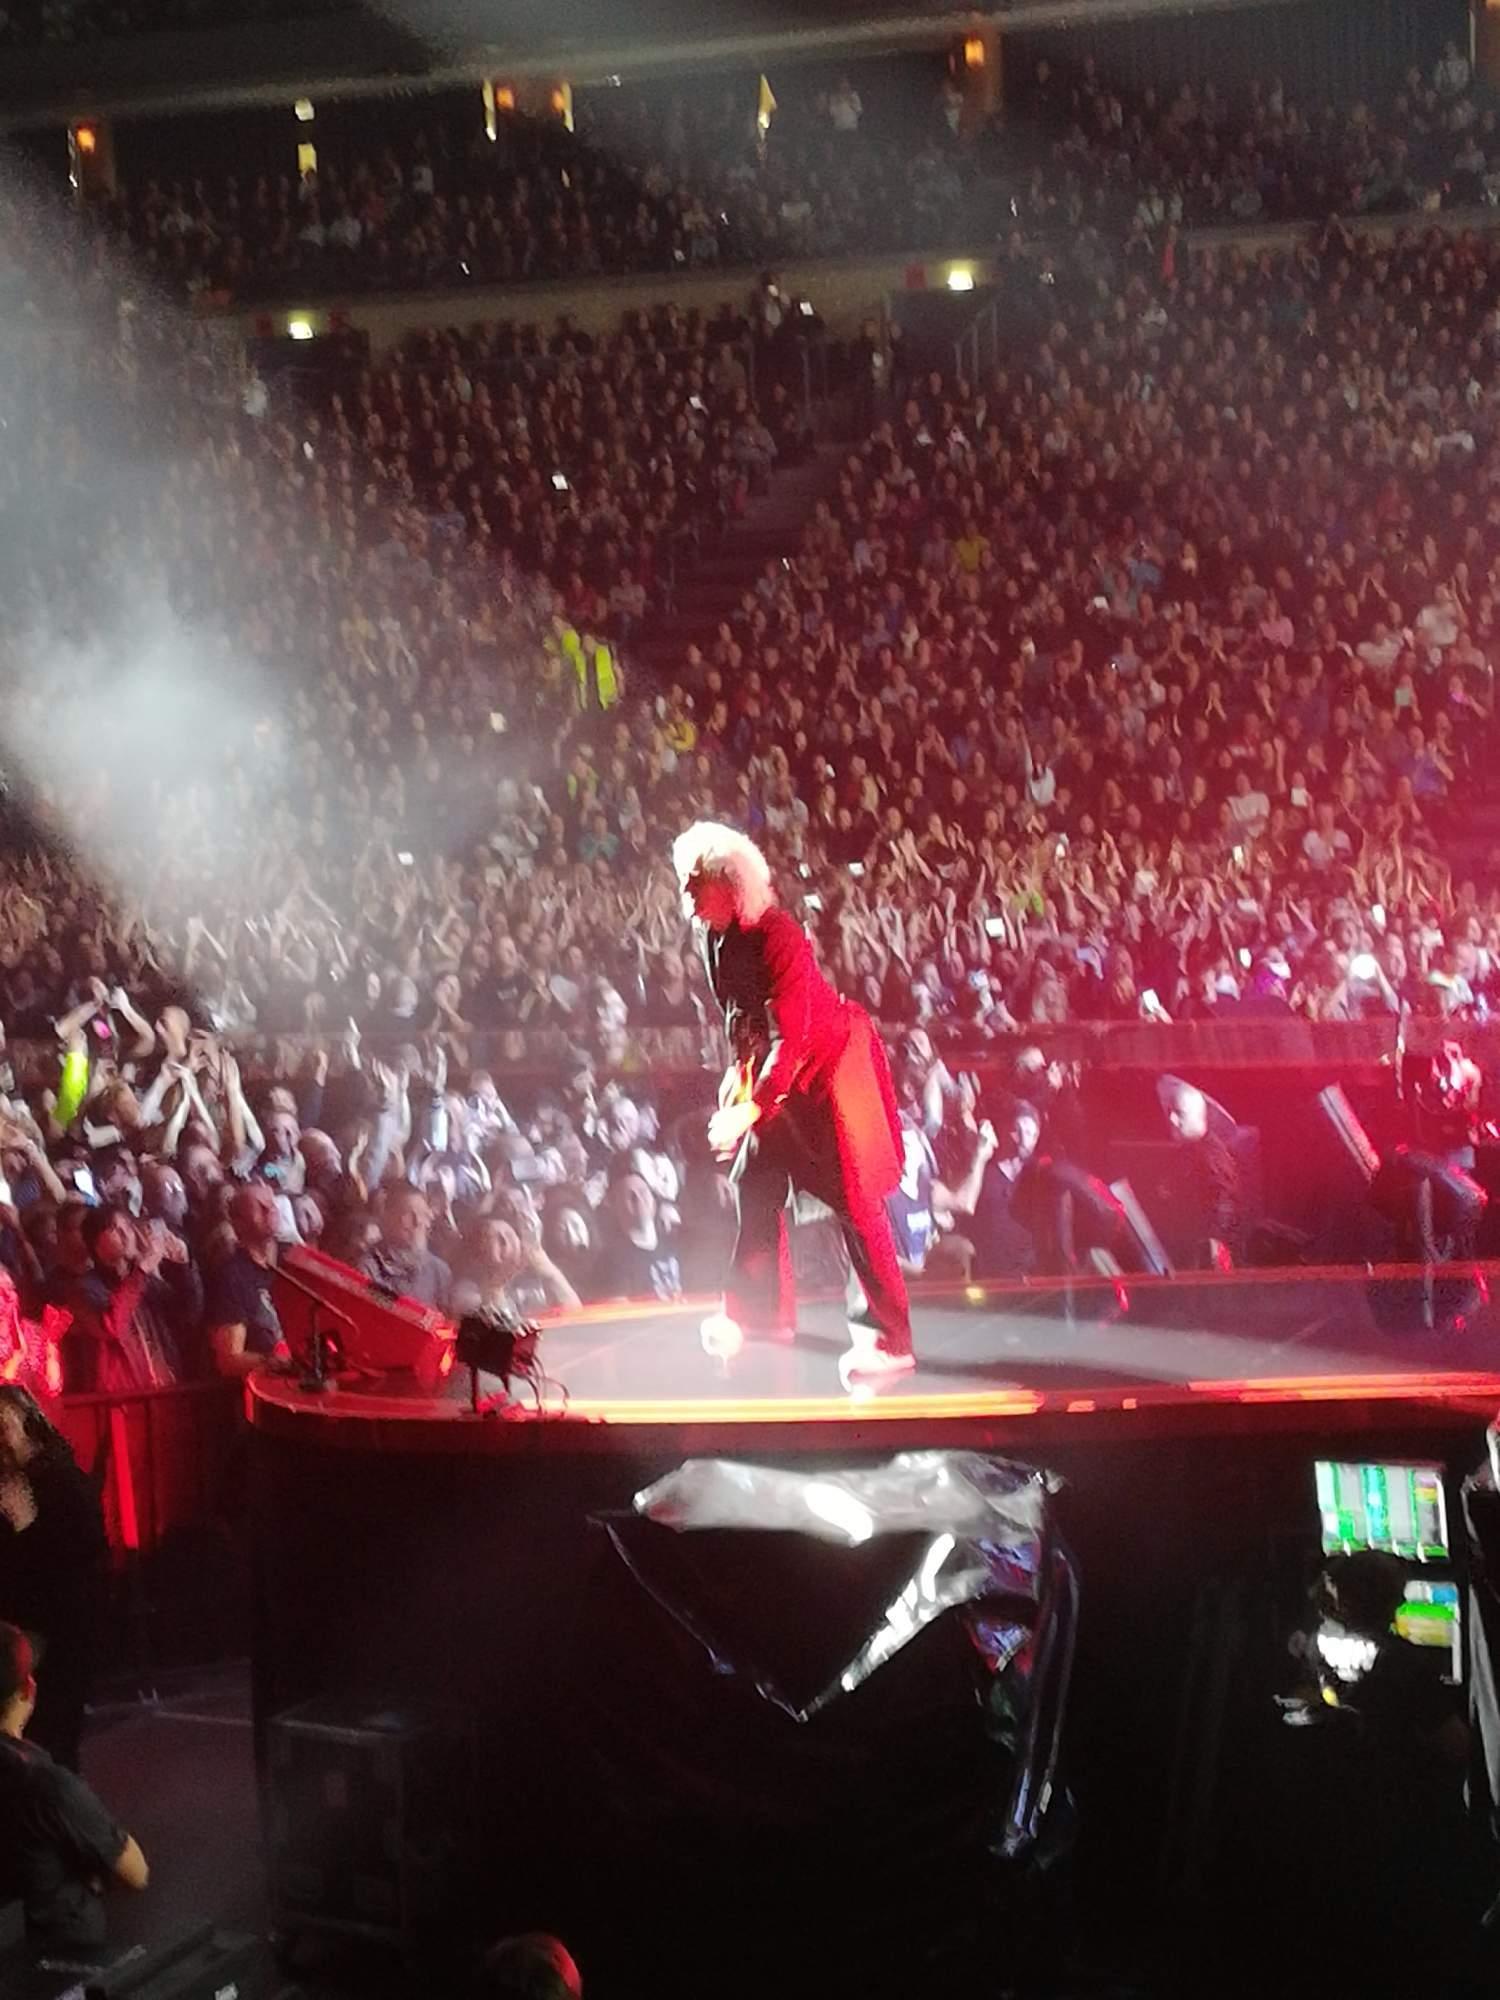 Na sedmdesátiletém Mayovi je stále vidět, že ho koncertování velmi baví. Foto: Radim Ptáček